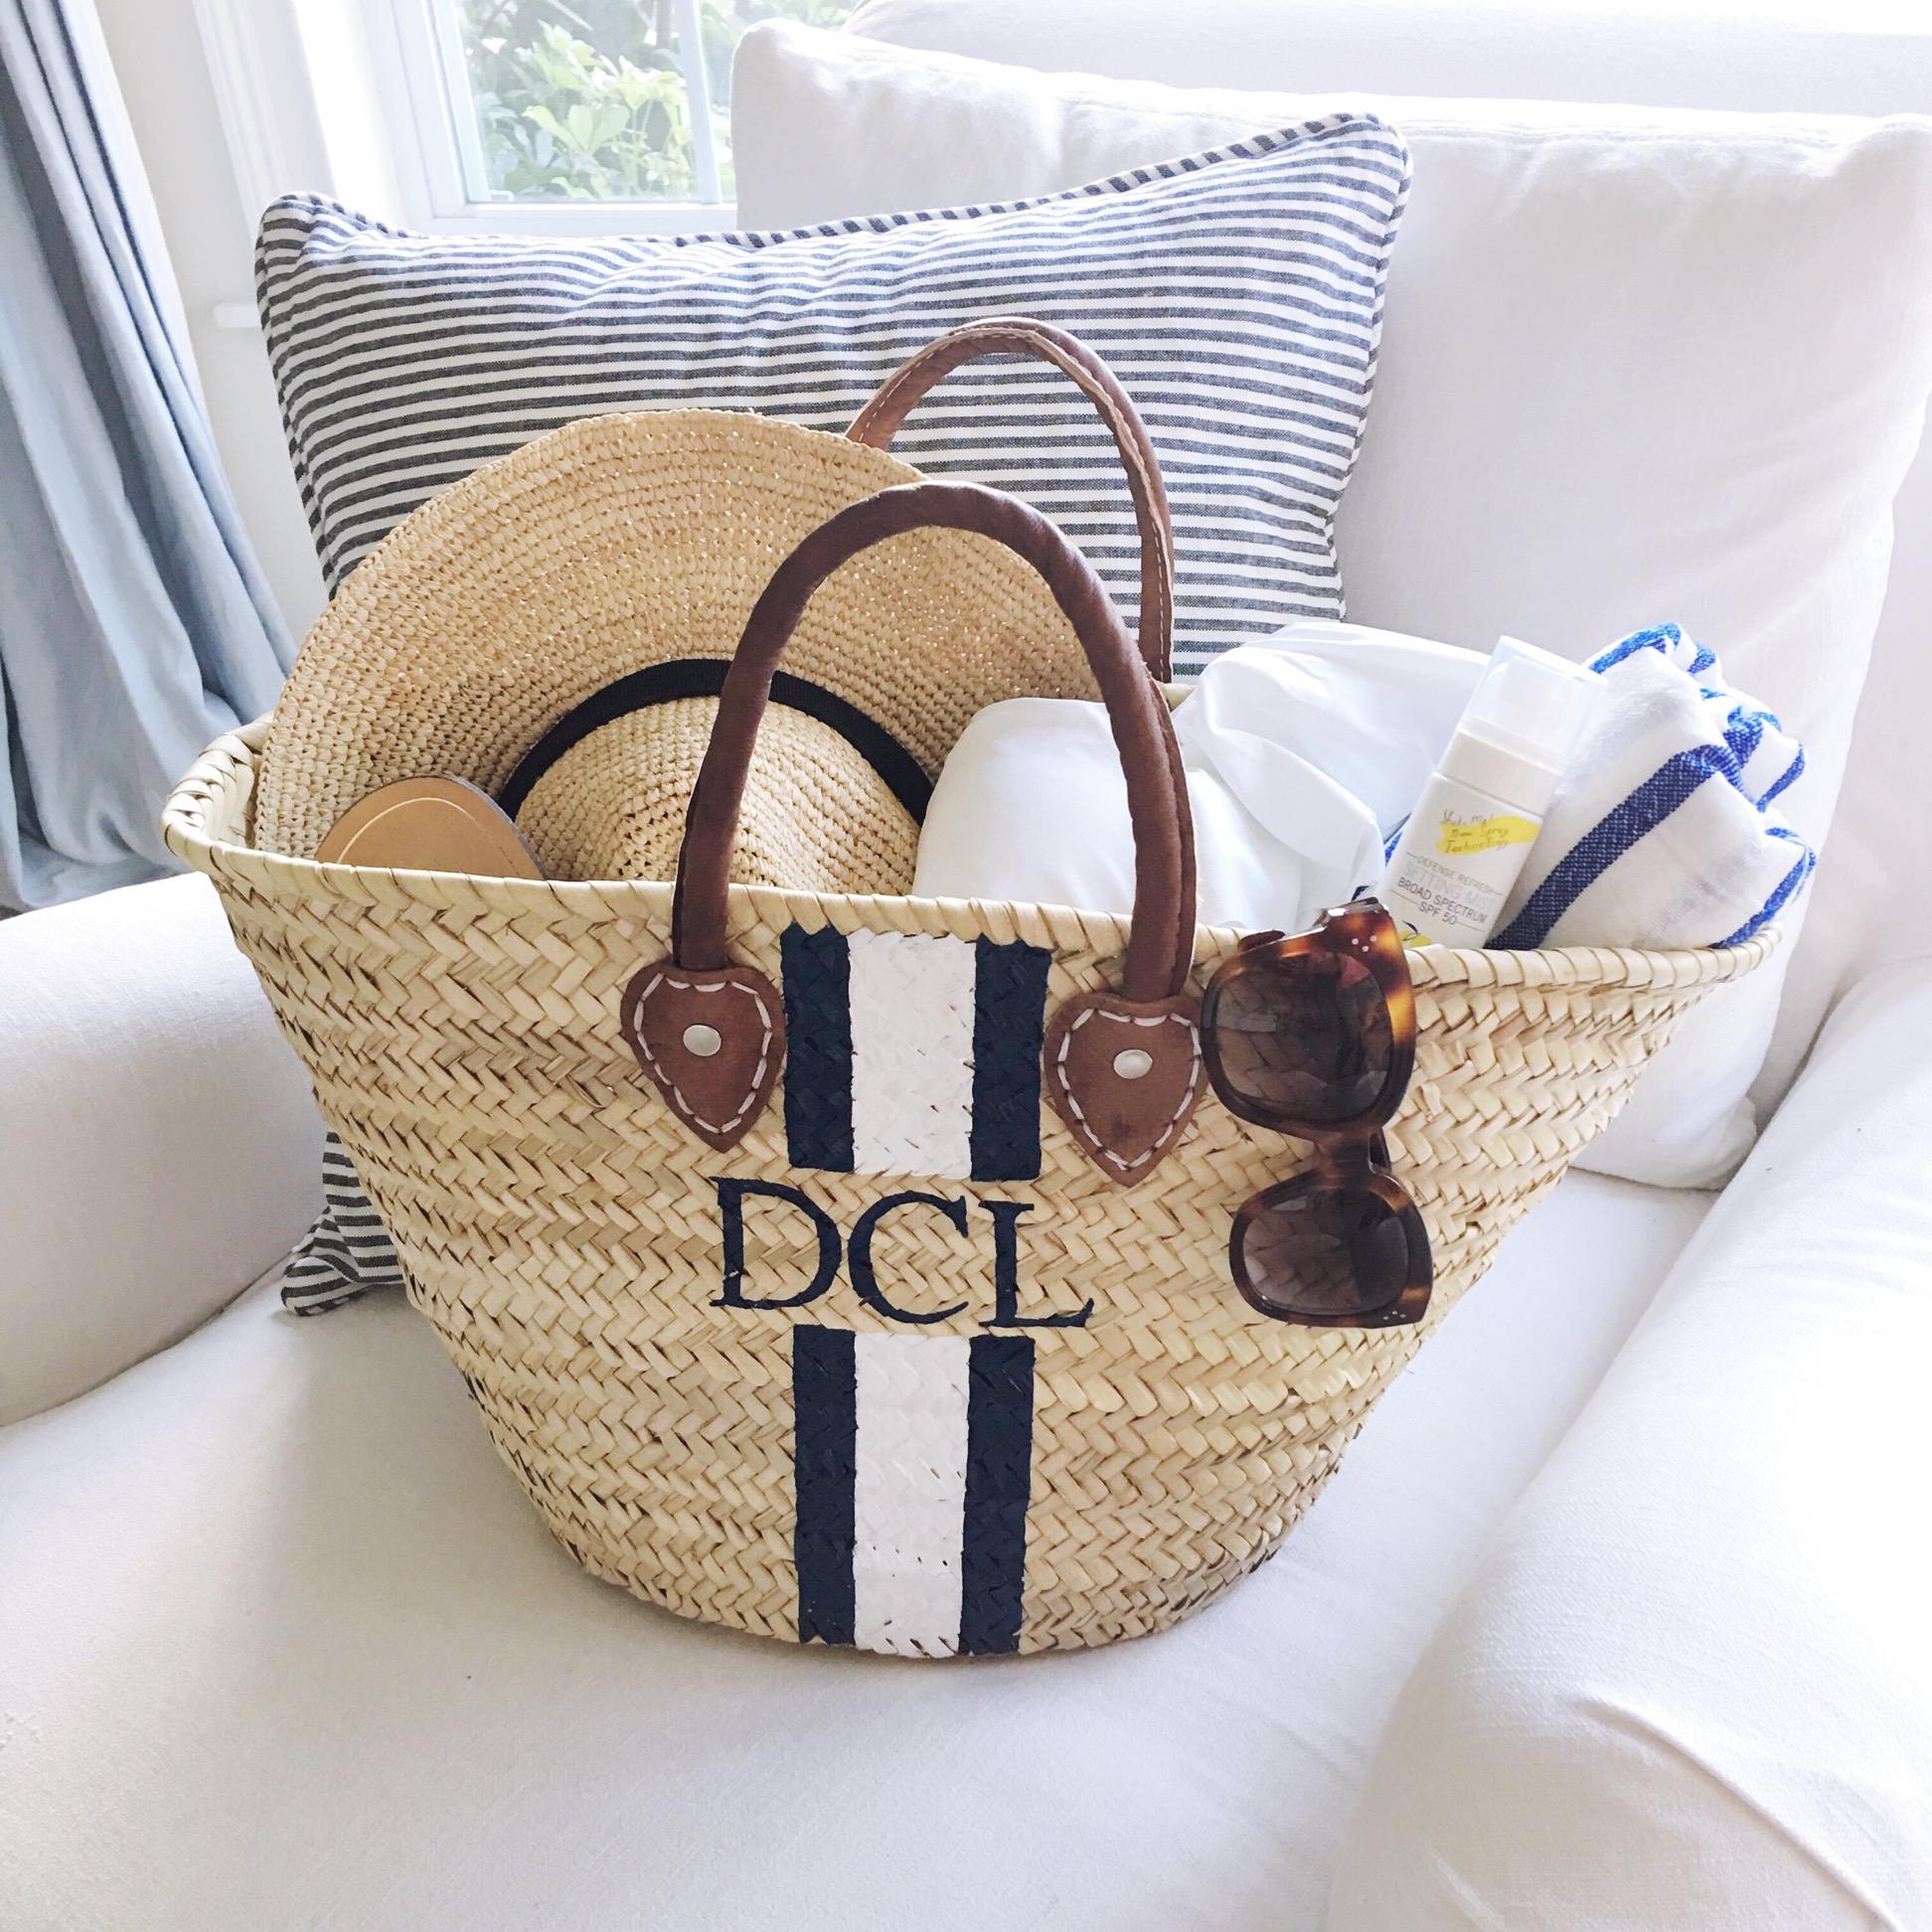 Mark & Graham handpainted straw beach bag